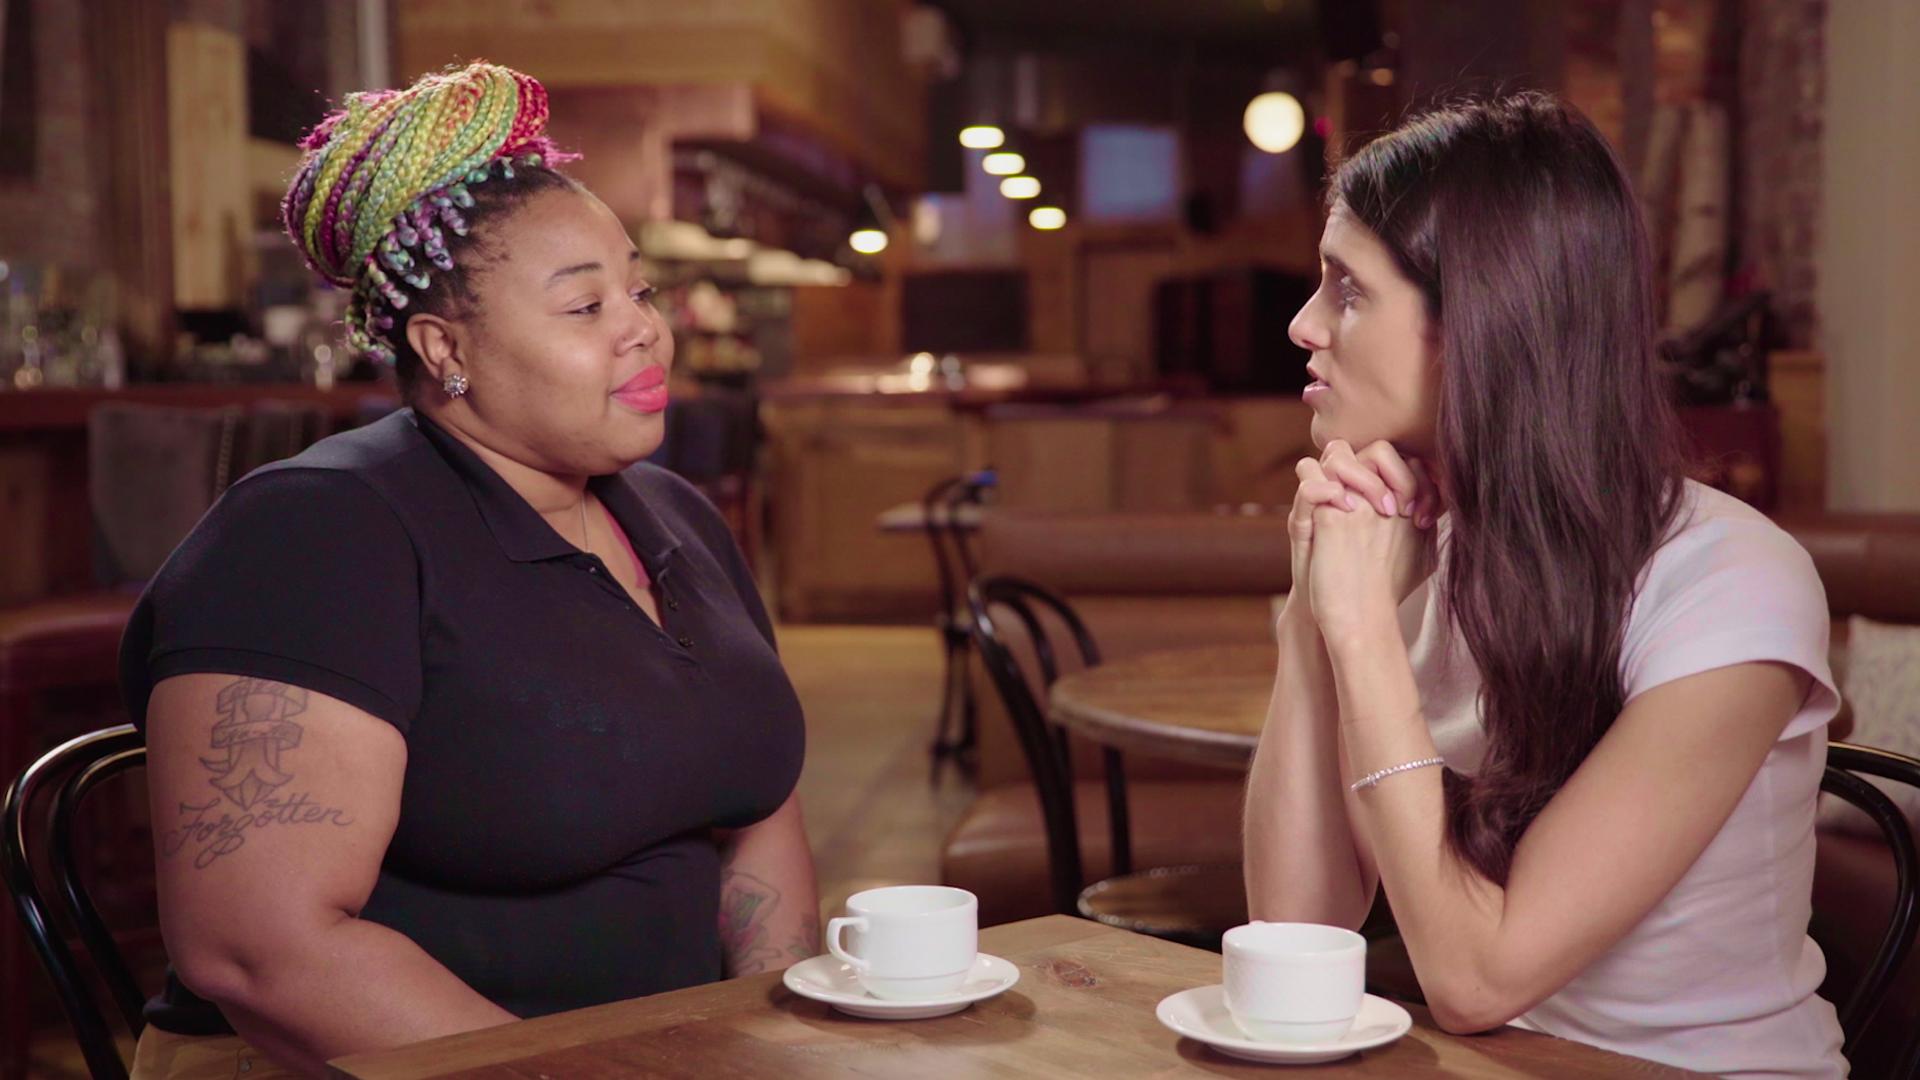 Liz talks to restaurant worker